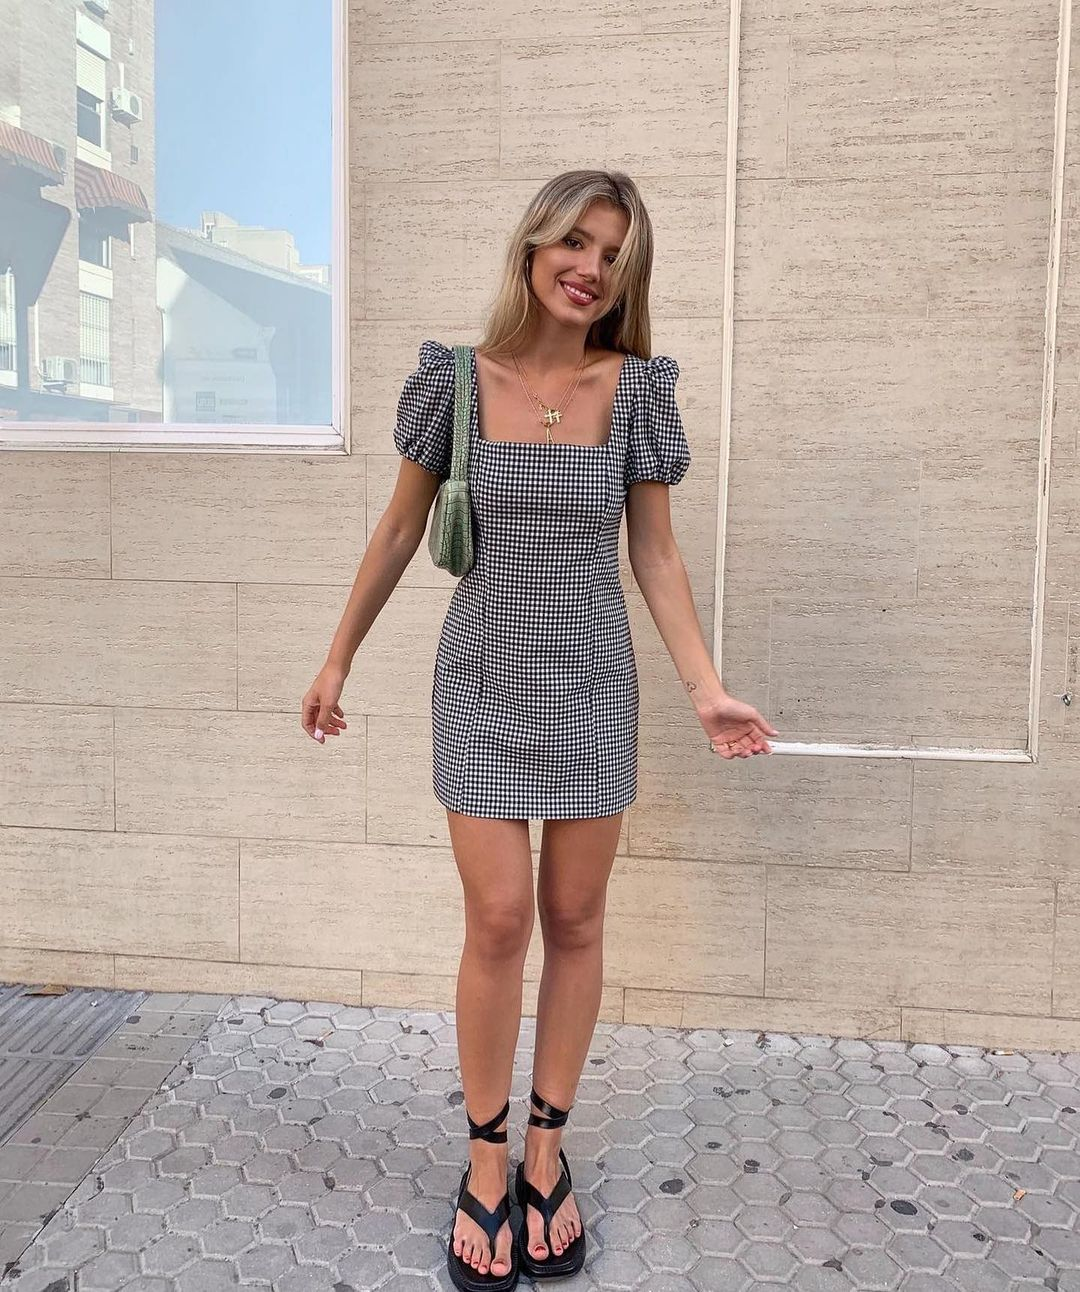 gingham plaid dress de Zara sur zara.outfits